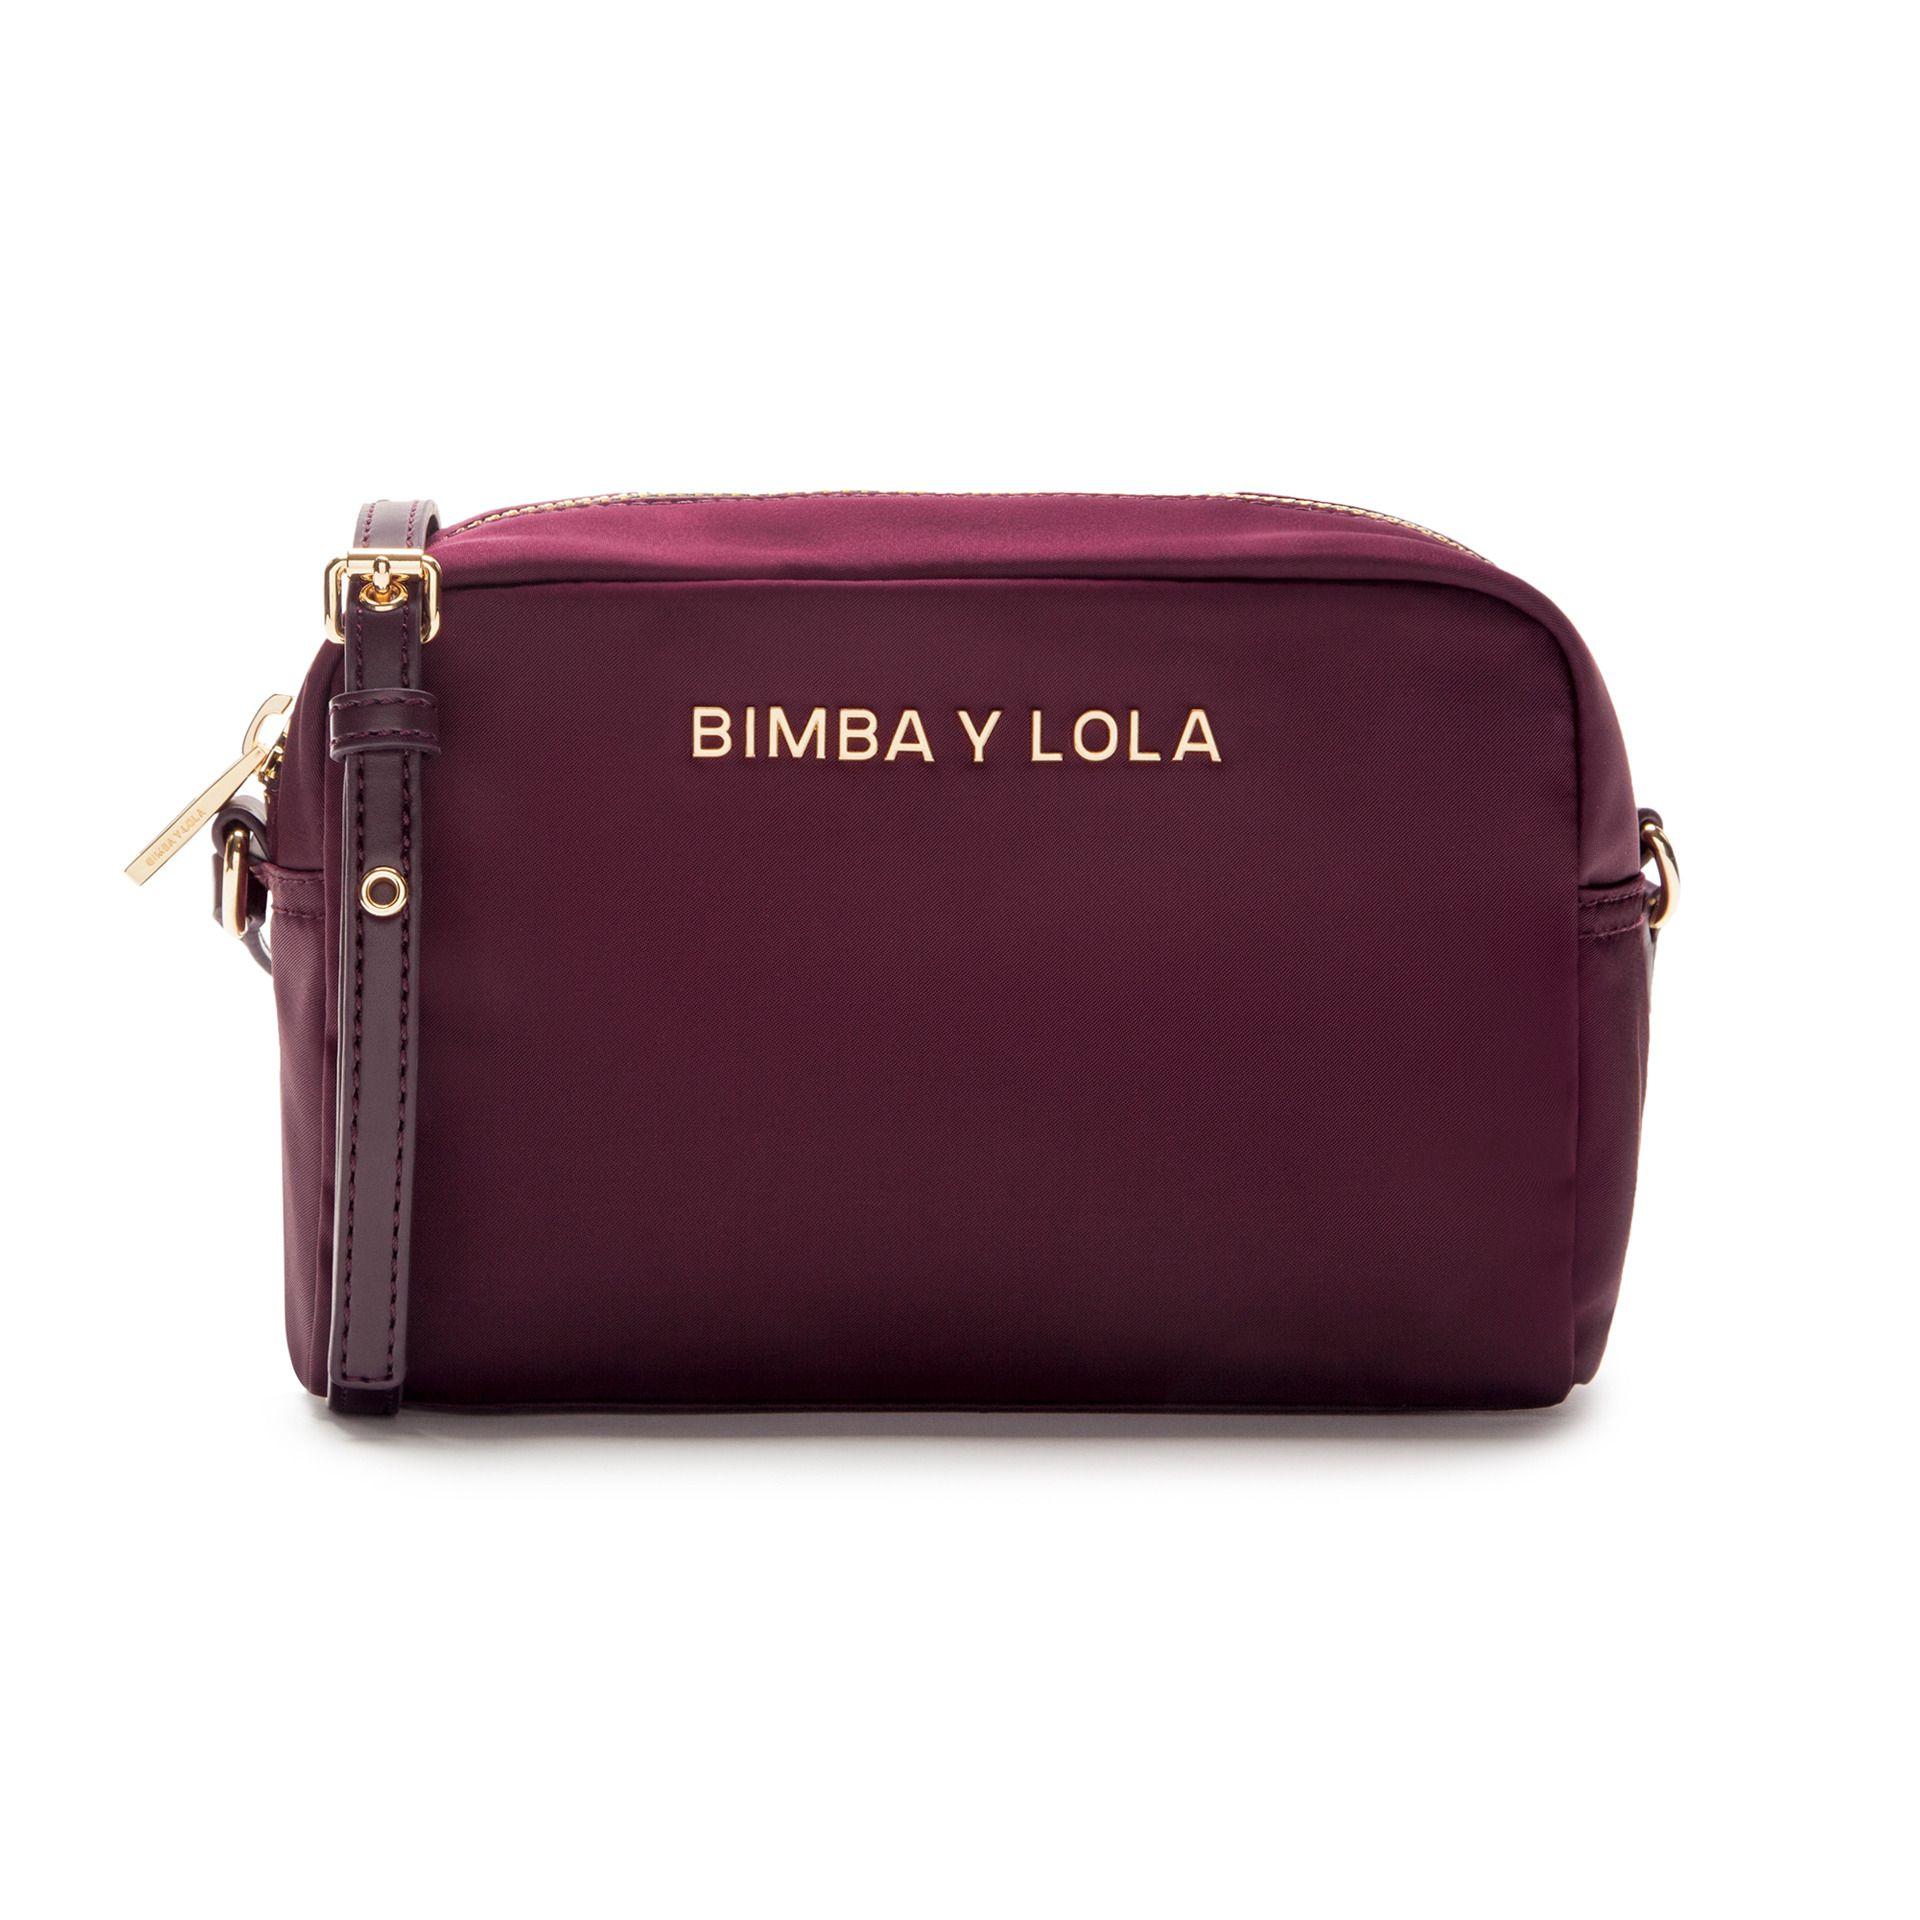 d2bd090310371 Bolso bandolera rectangular BIMBA Y LOLA en color vino. Pertenece a la  Olympia Collection